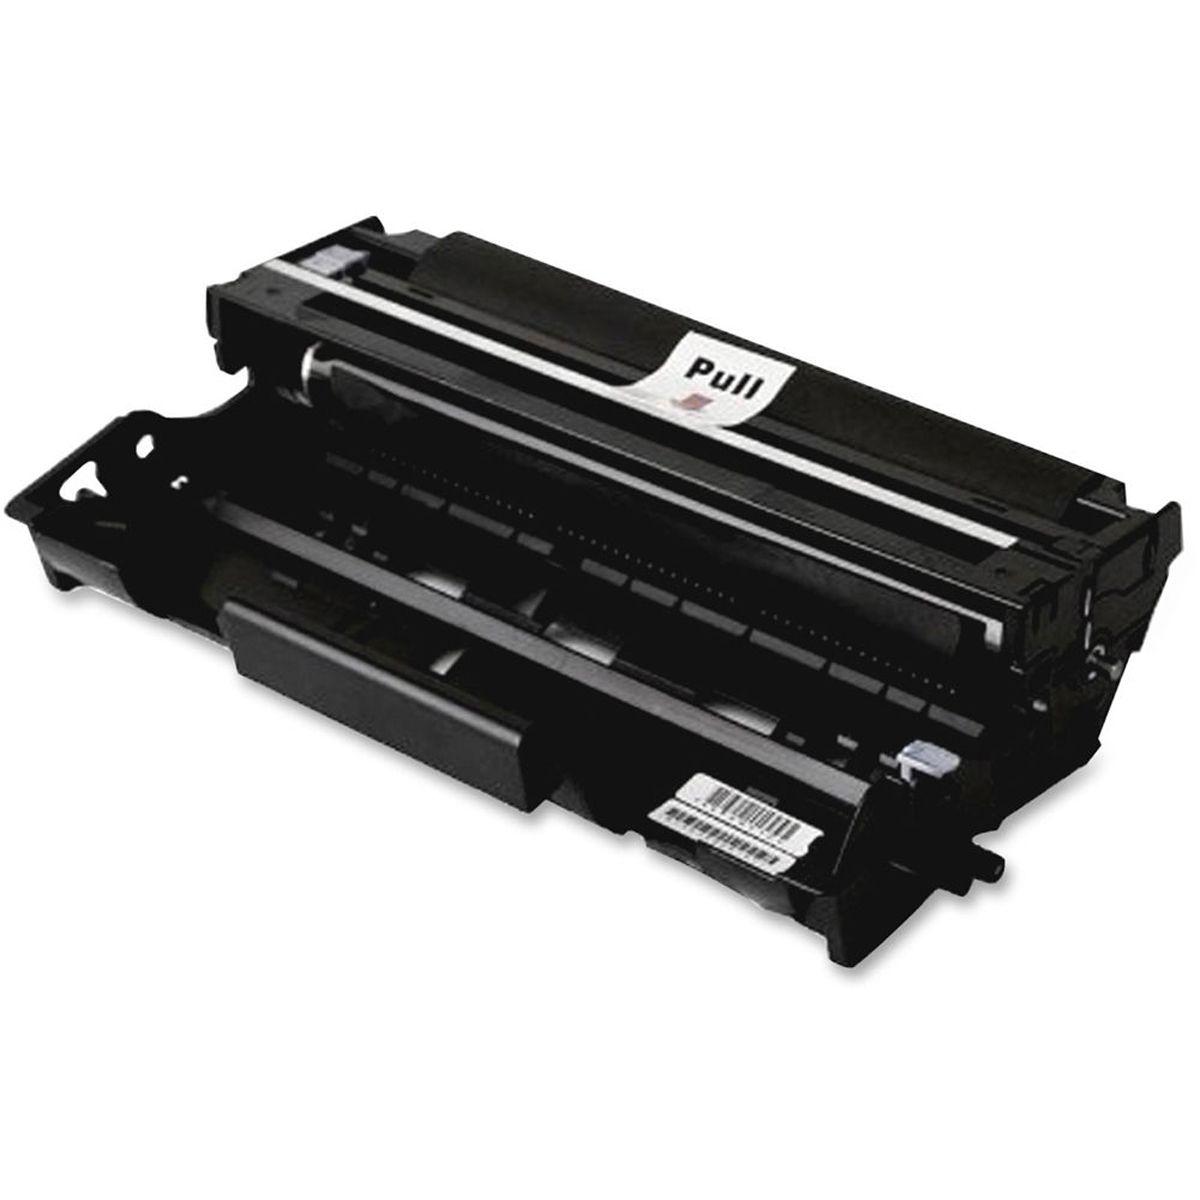 Fotocondutor DR3422 DR3442 DR3472 DR850 - L5102 L5652 L6702 L5802